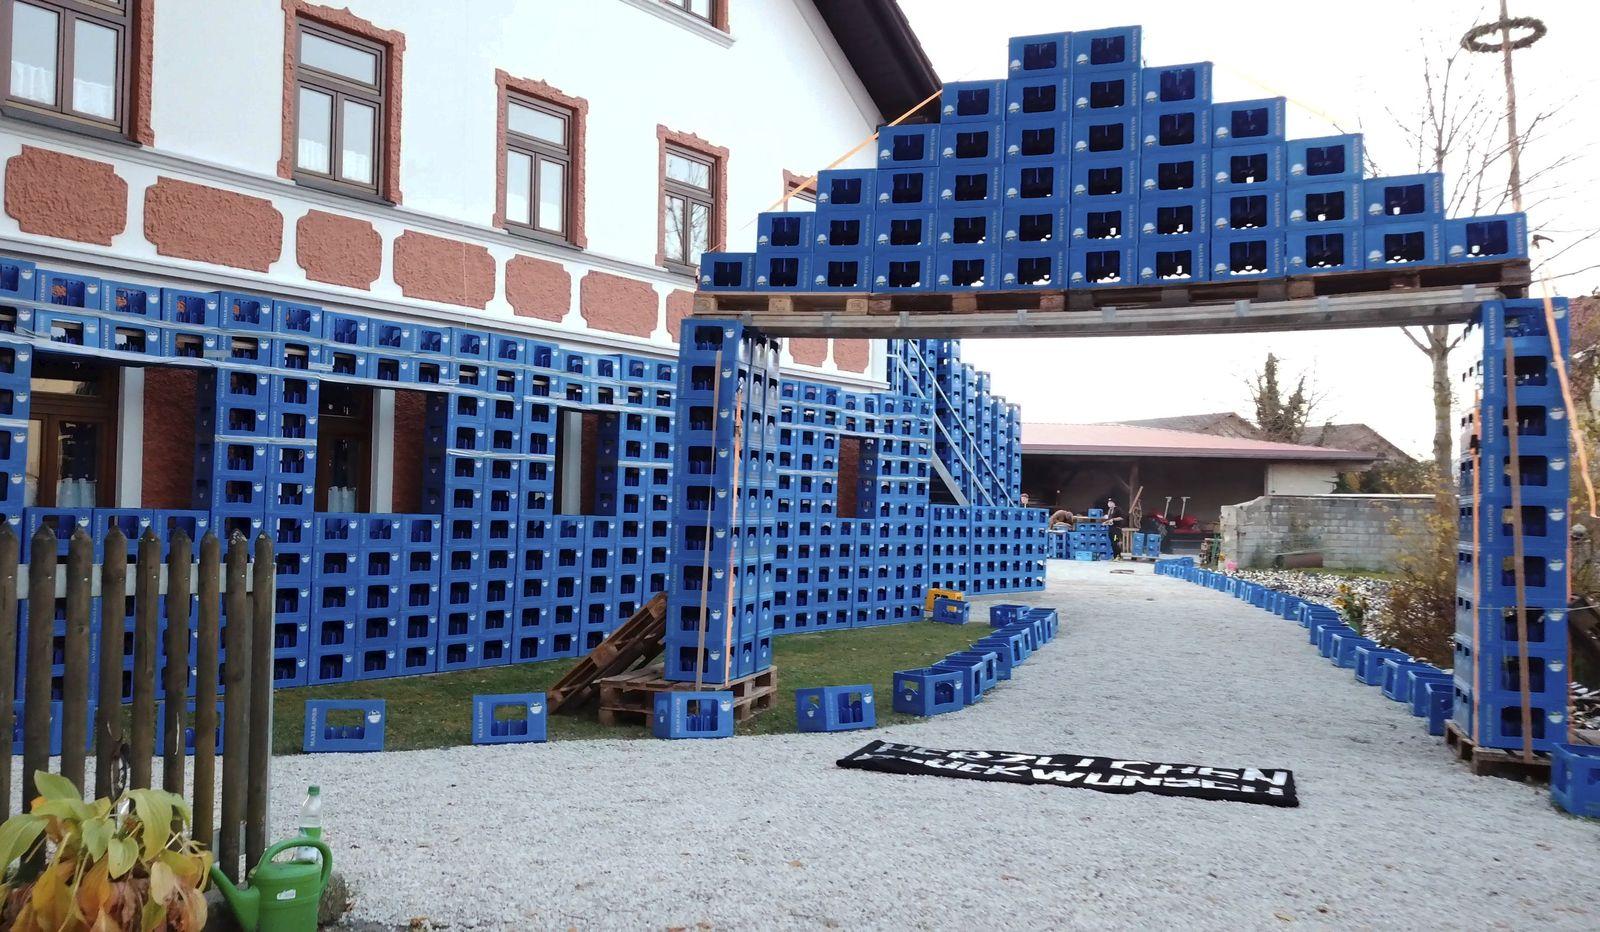 30 000 Pfandflaschen im Vorgarten